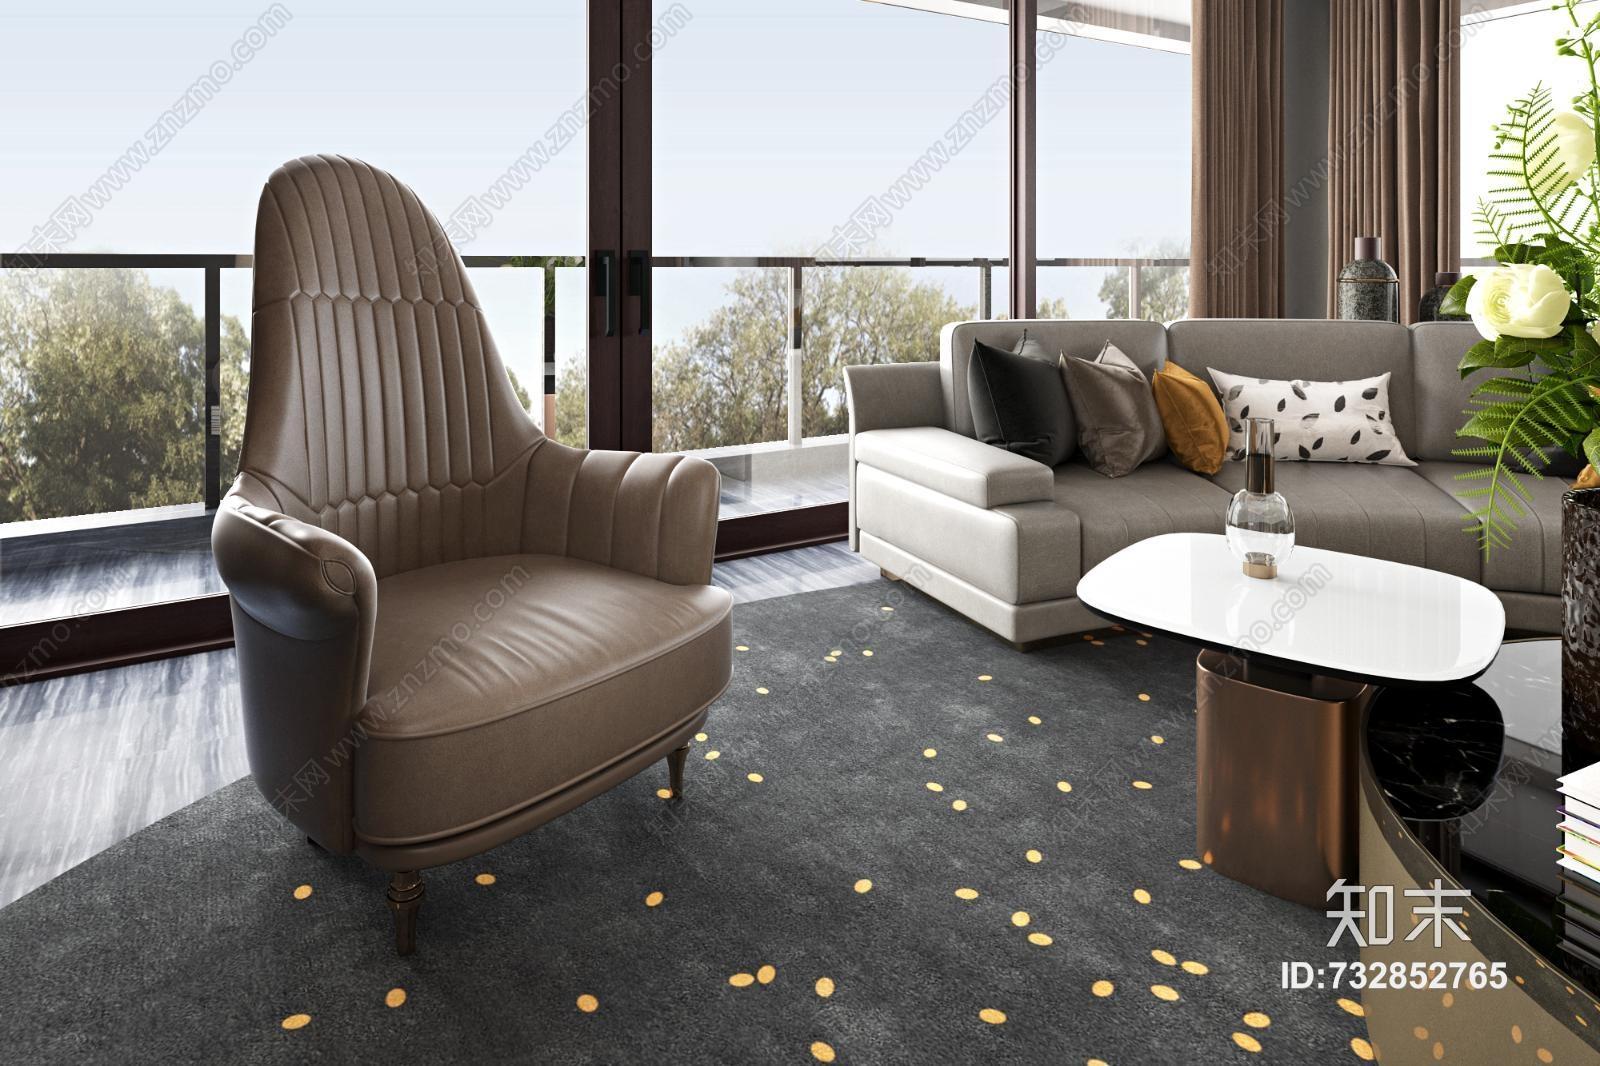 现代轻奢客厅 沙发茶几组合 水晶灯 单人皮沙发